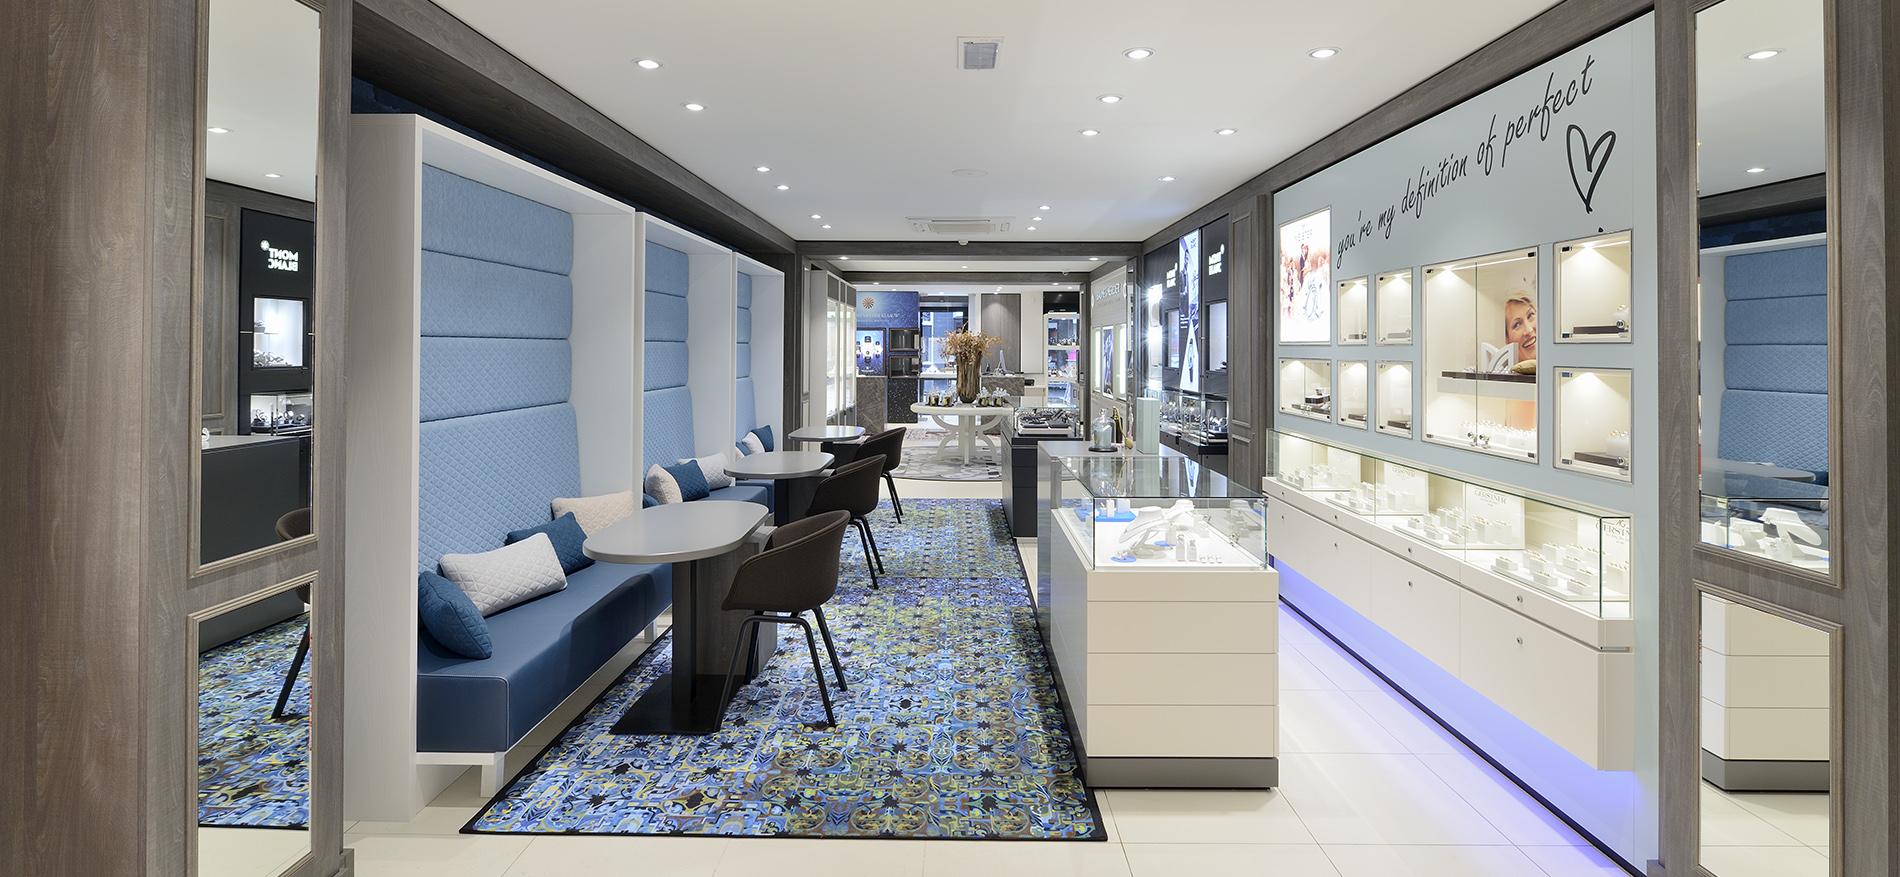 Nr 1 d m nagement de la bijouterie concept de magasin et agencement - Amenagement ontwerp ...